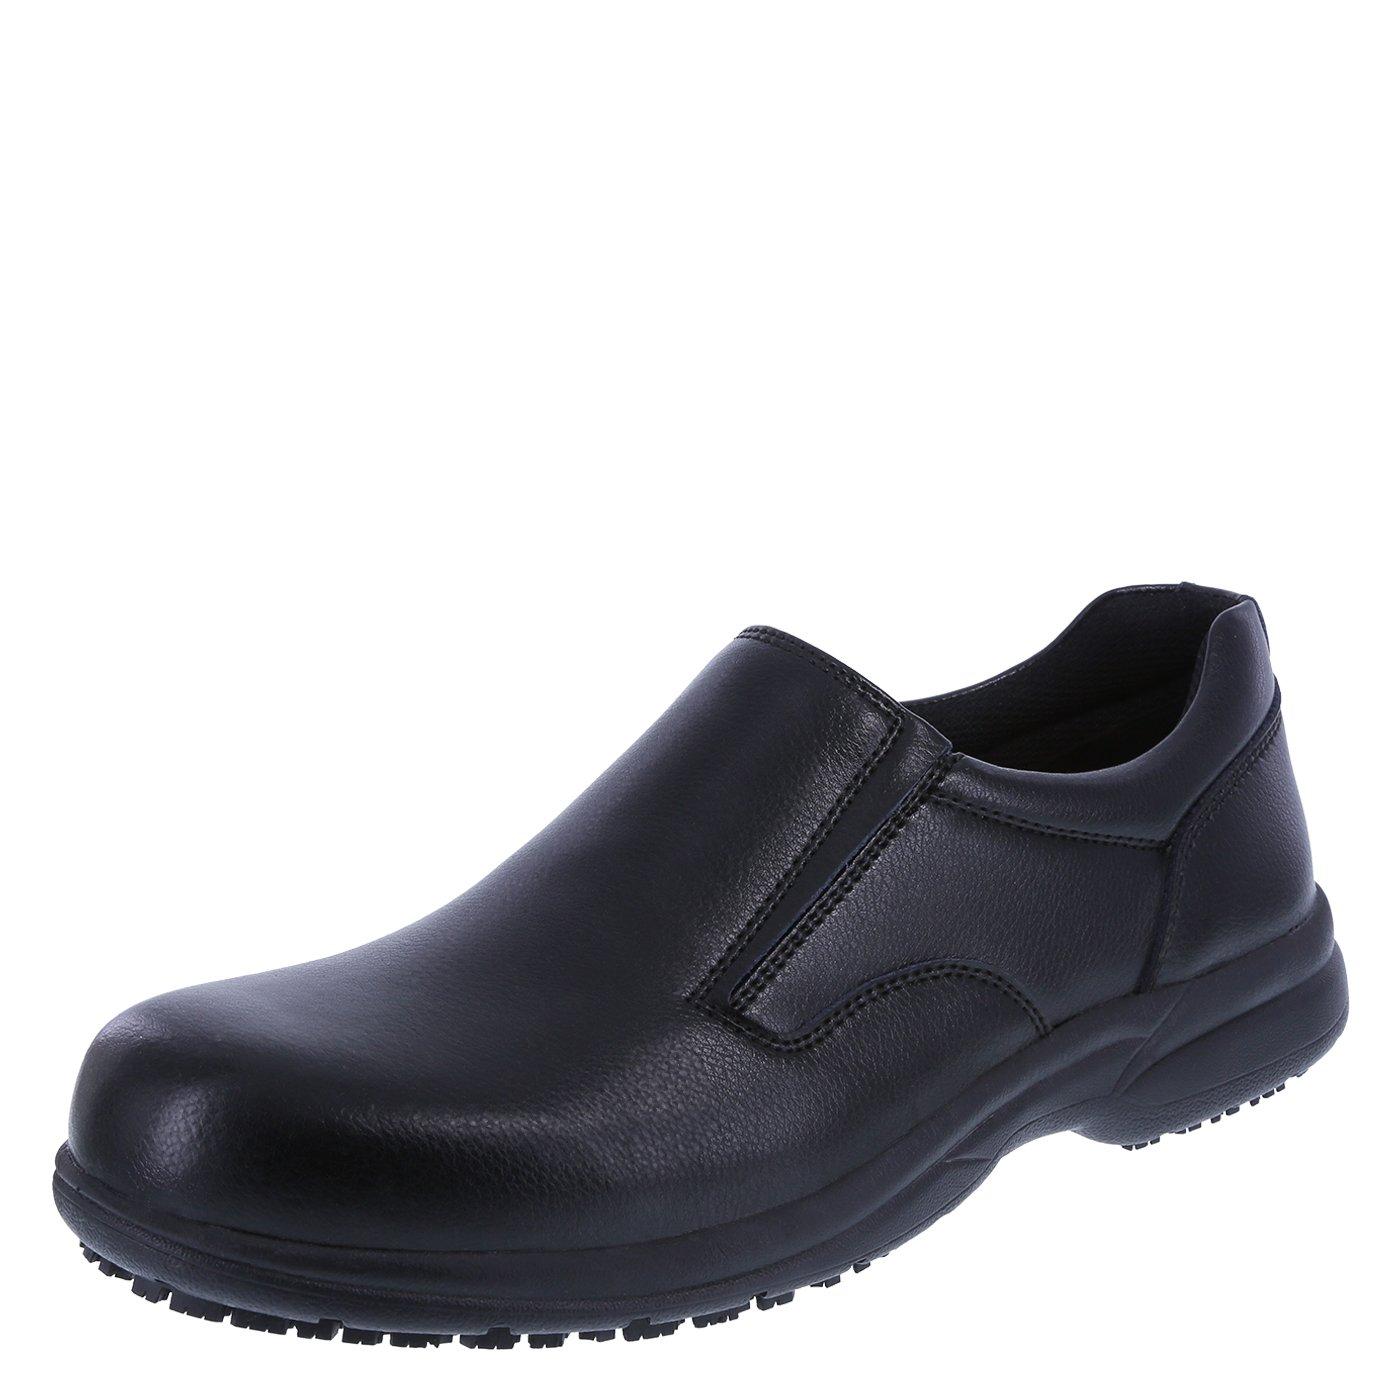 safeTstep Slip Resistant Men's Black Men's Al Slip-On 7.5 Wide